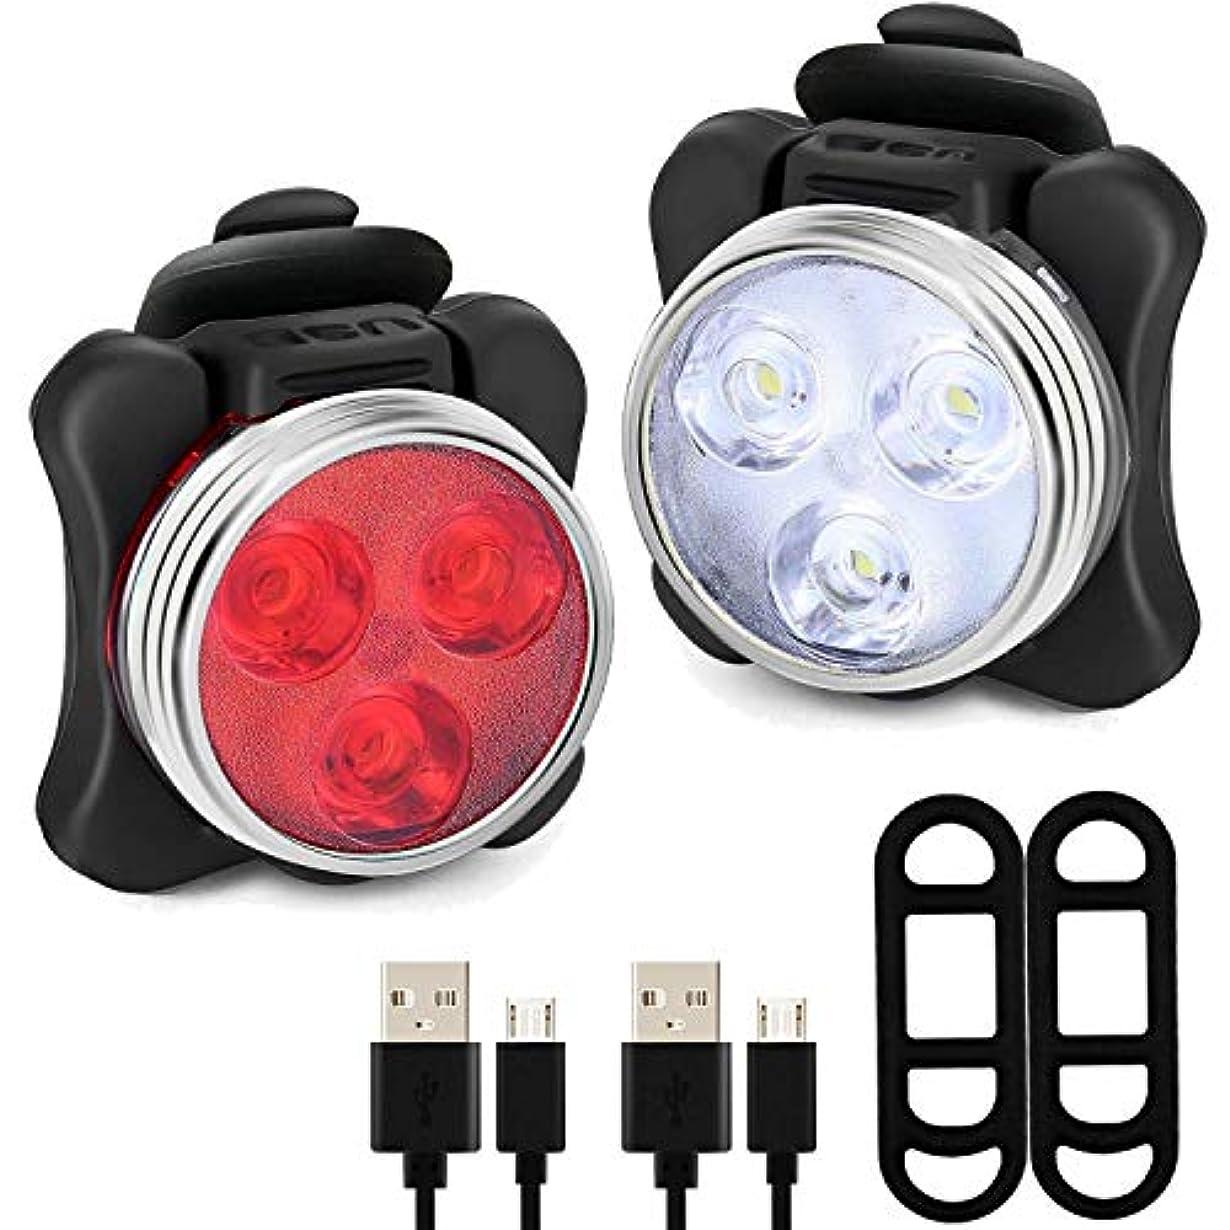 パテ淡いドームLED自転車ライトセット - 充電式LED自転車ライトセット - ヘッドライトテールライトの組み合わせLED自転車ライトセット(4ライトモードオプション、2 USBケーブル)